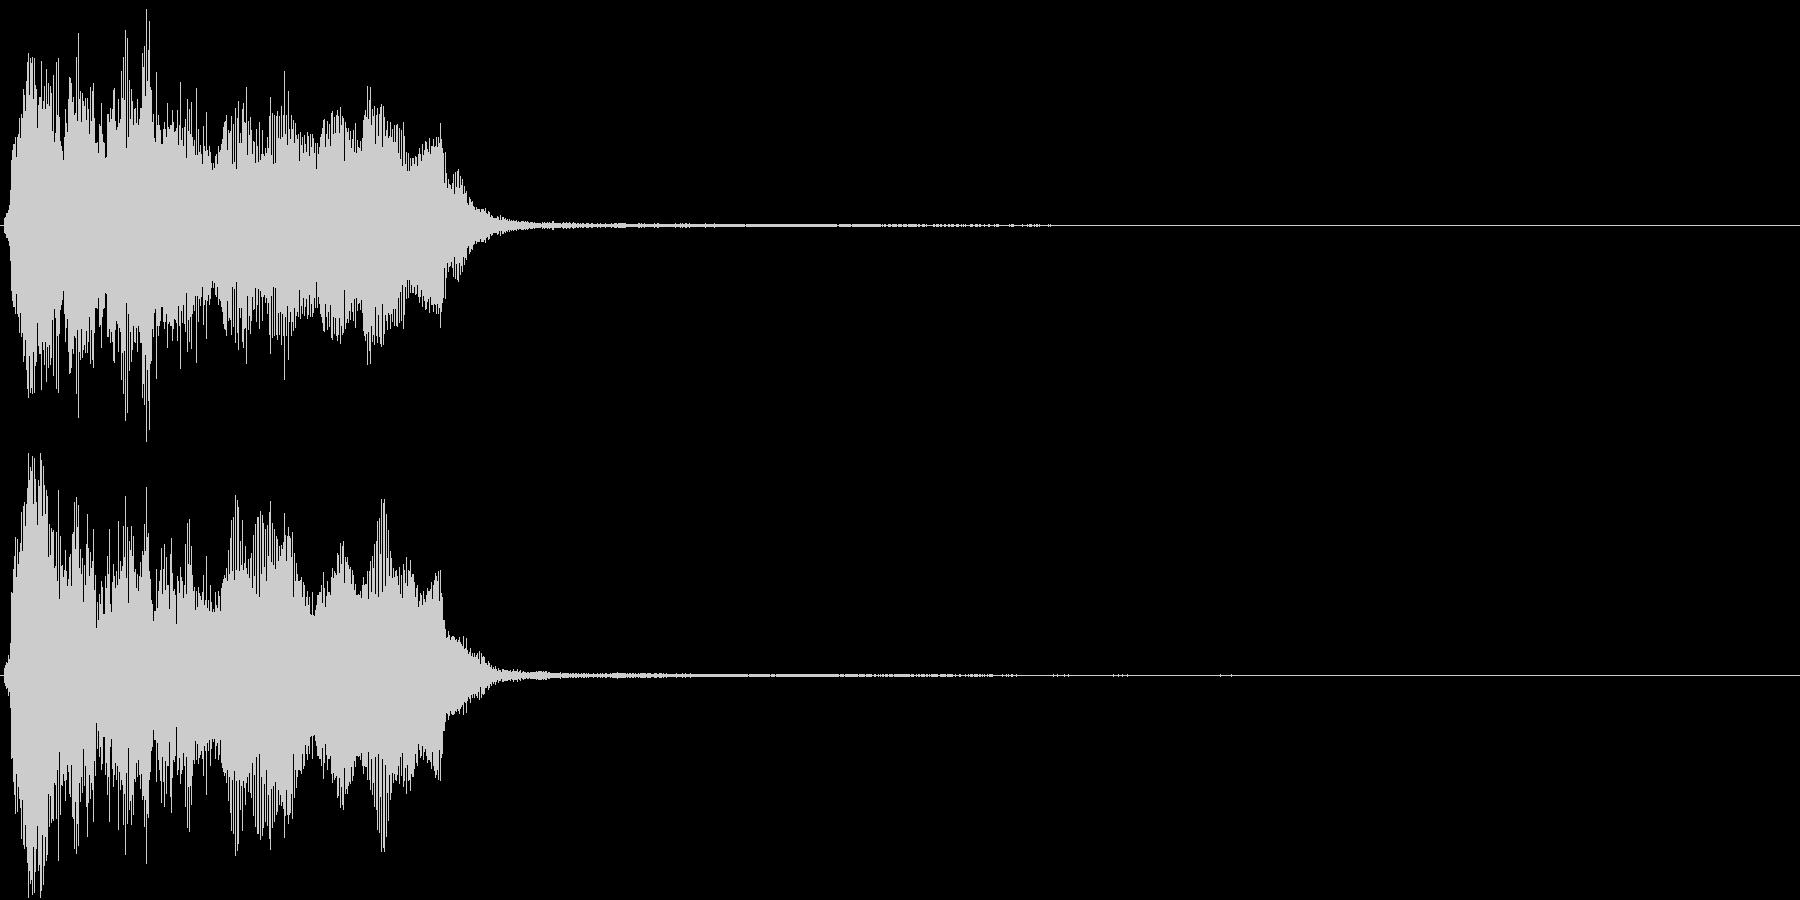 トランペット ファンファーレ 定番 2の未再生の波形